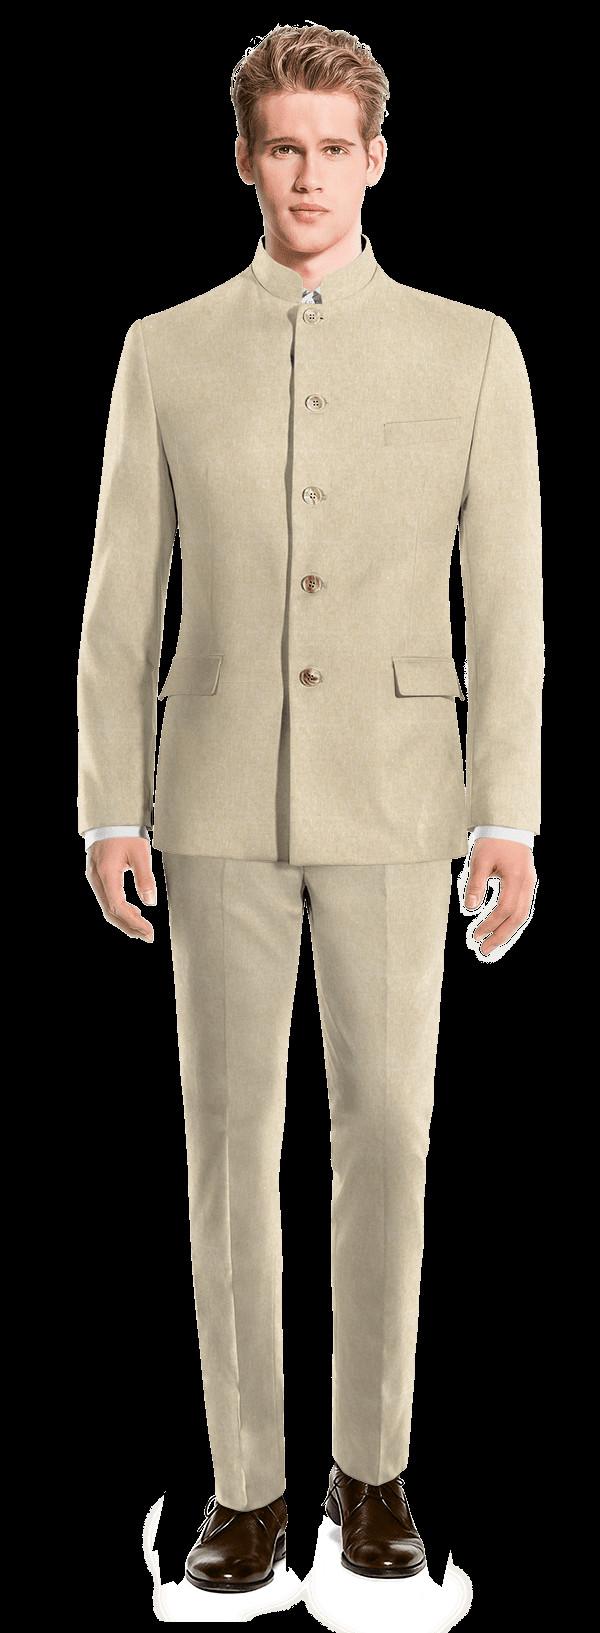 Leinen Anzug Herren Hochzeit  Beige Stehkragen Anzug aus Leinen 299€ Vailly